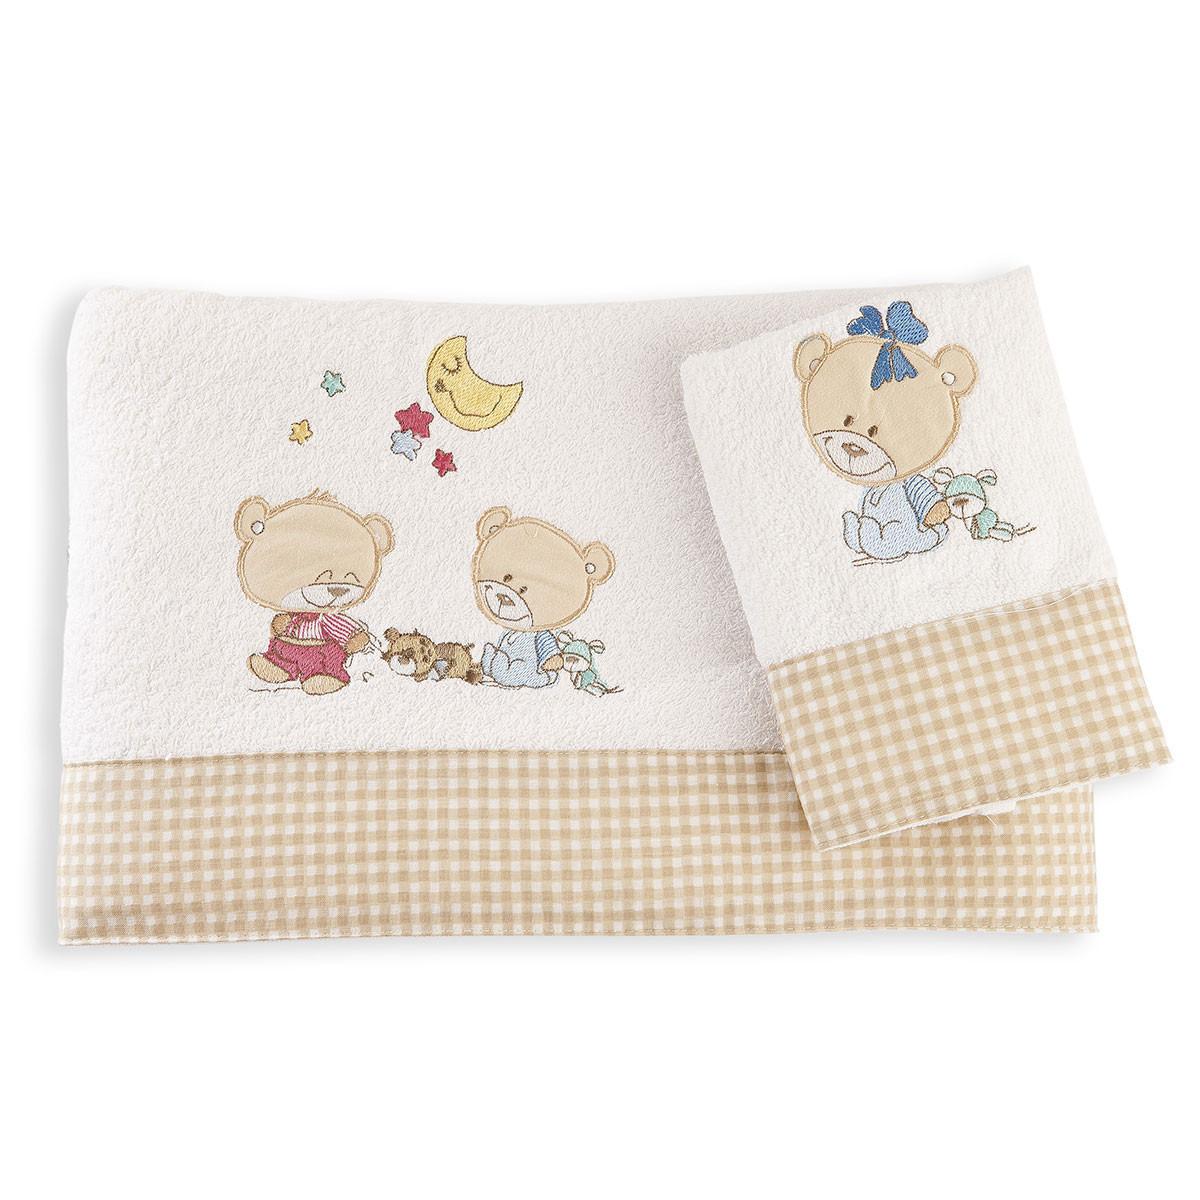 Βρεφικές Πετσέτες (Σετ 2τμχ) Dim Collection Happy Bears 21